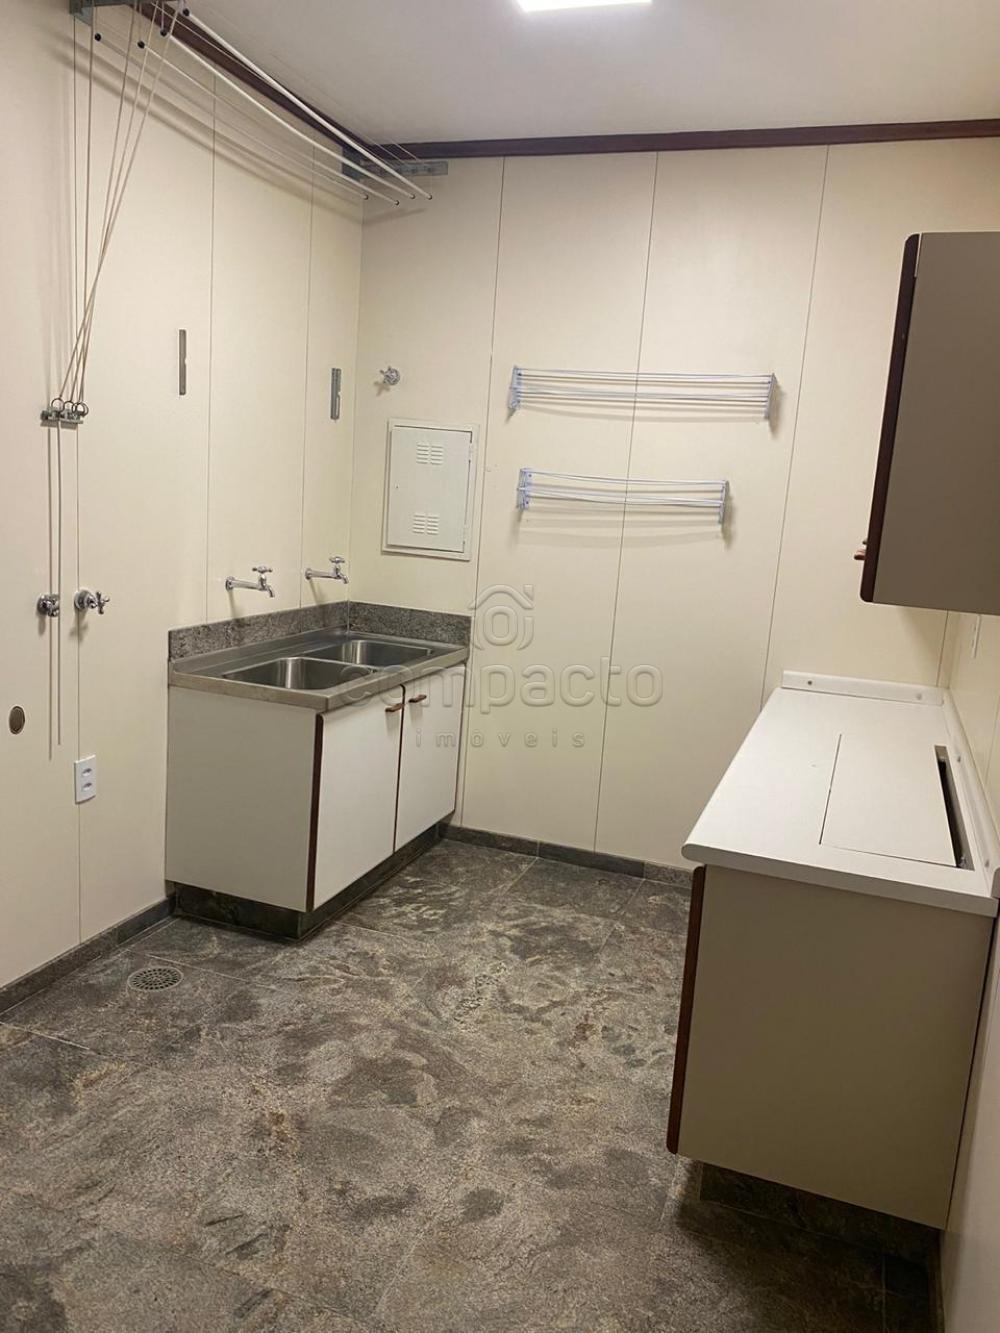 Alugar Casa / Condomínio em São José do Rio Preto apenas R$ 7.500,00 - Foto 13